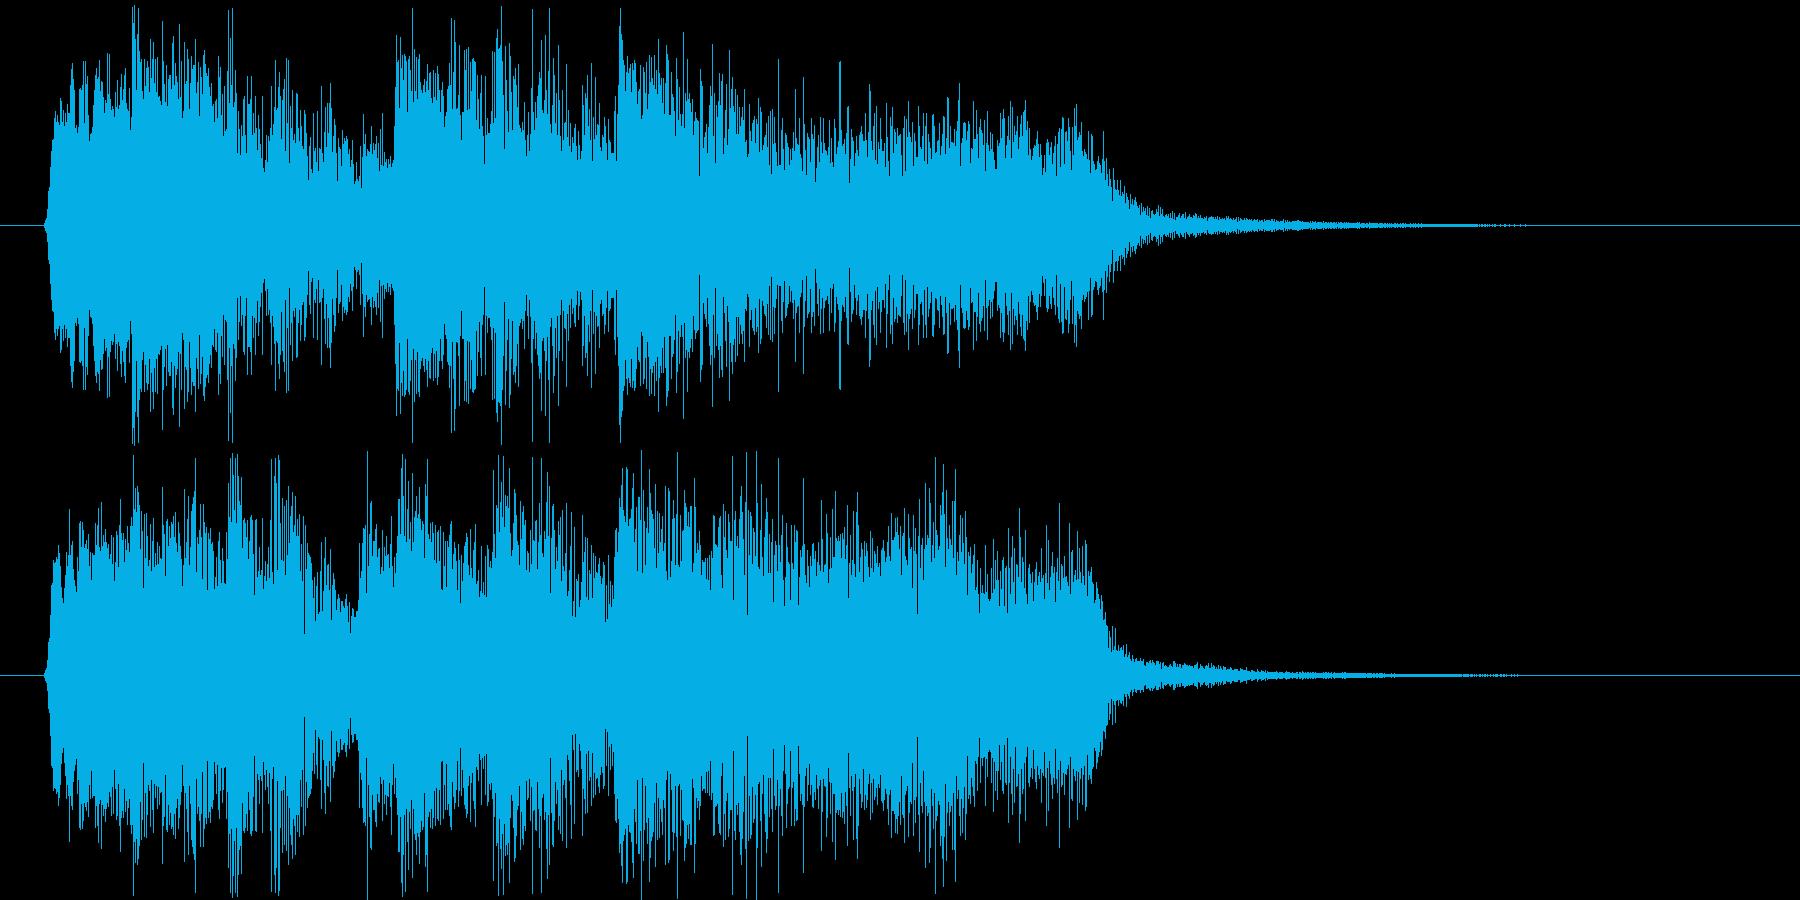 勢いのあるシンセサイザーなど短めジングルの再生済みの波形